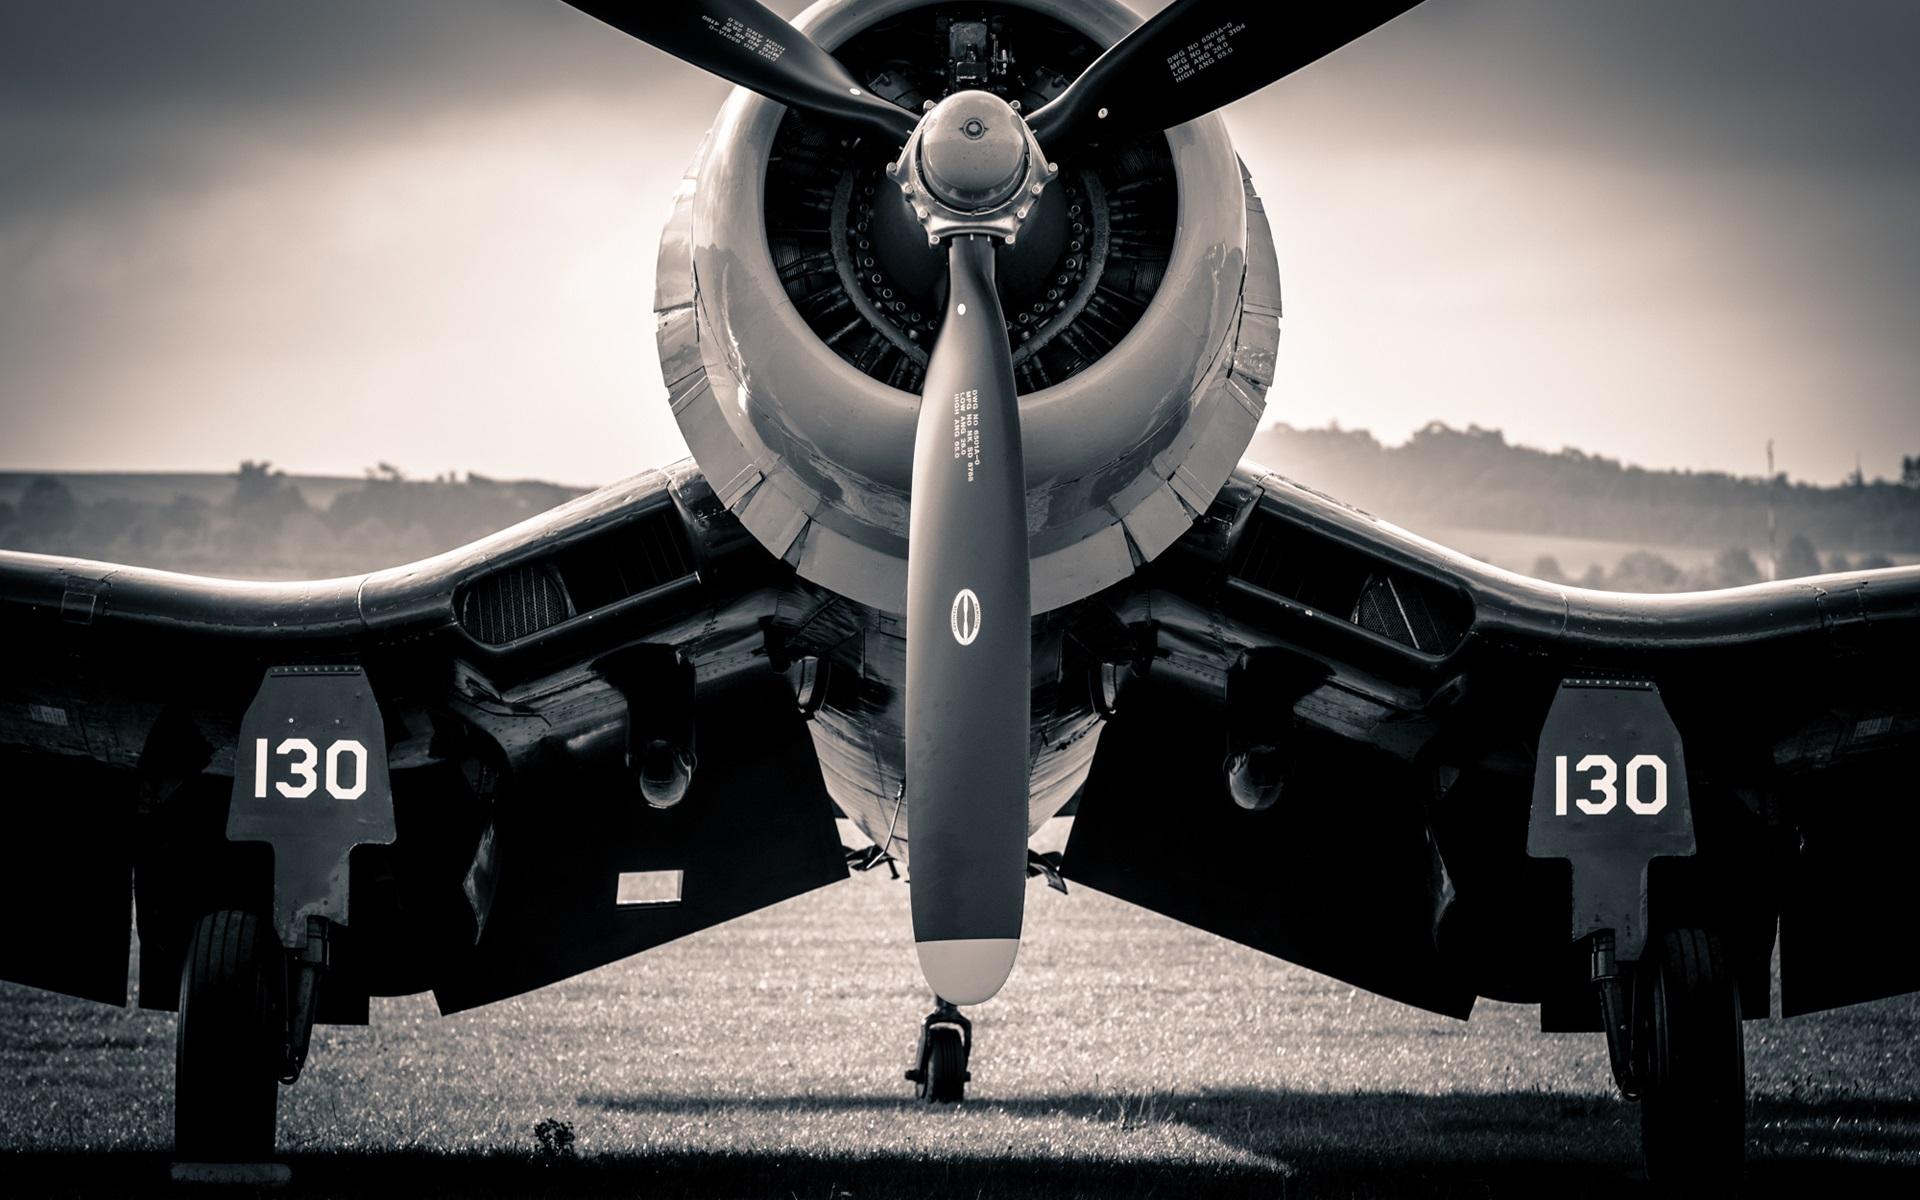 Fondos De Pantalla Combate F4u Corsair 1920x1200 Hd Imagen